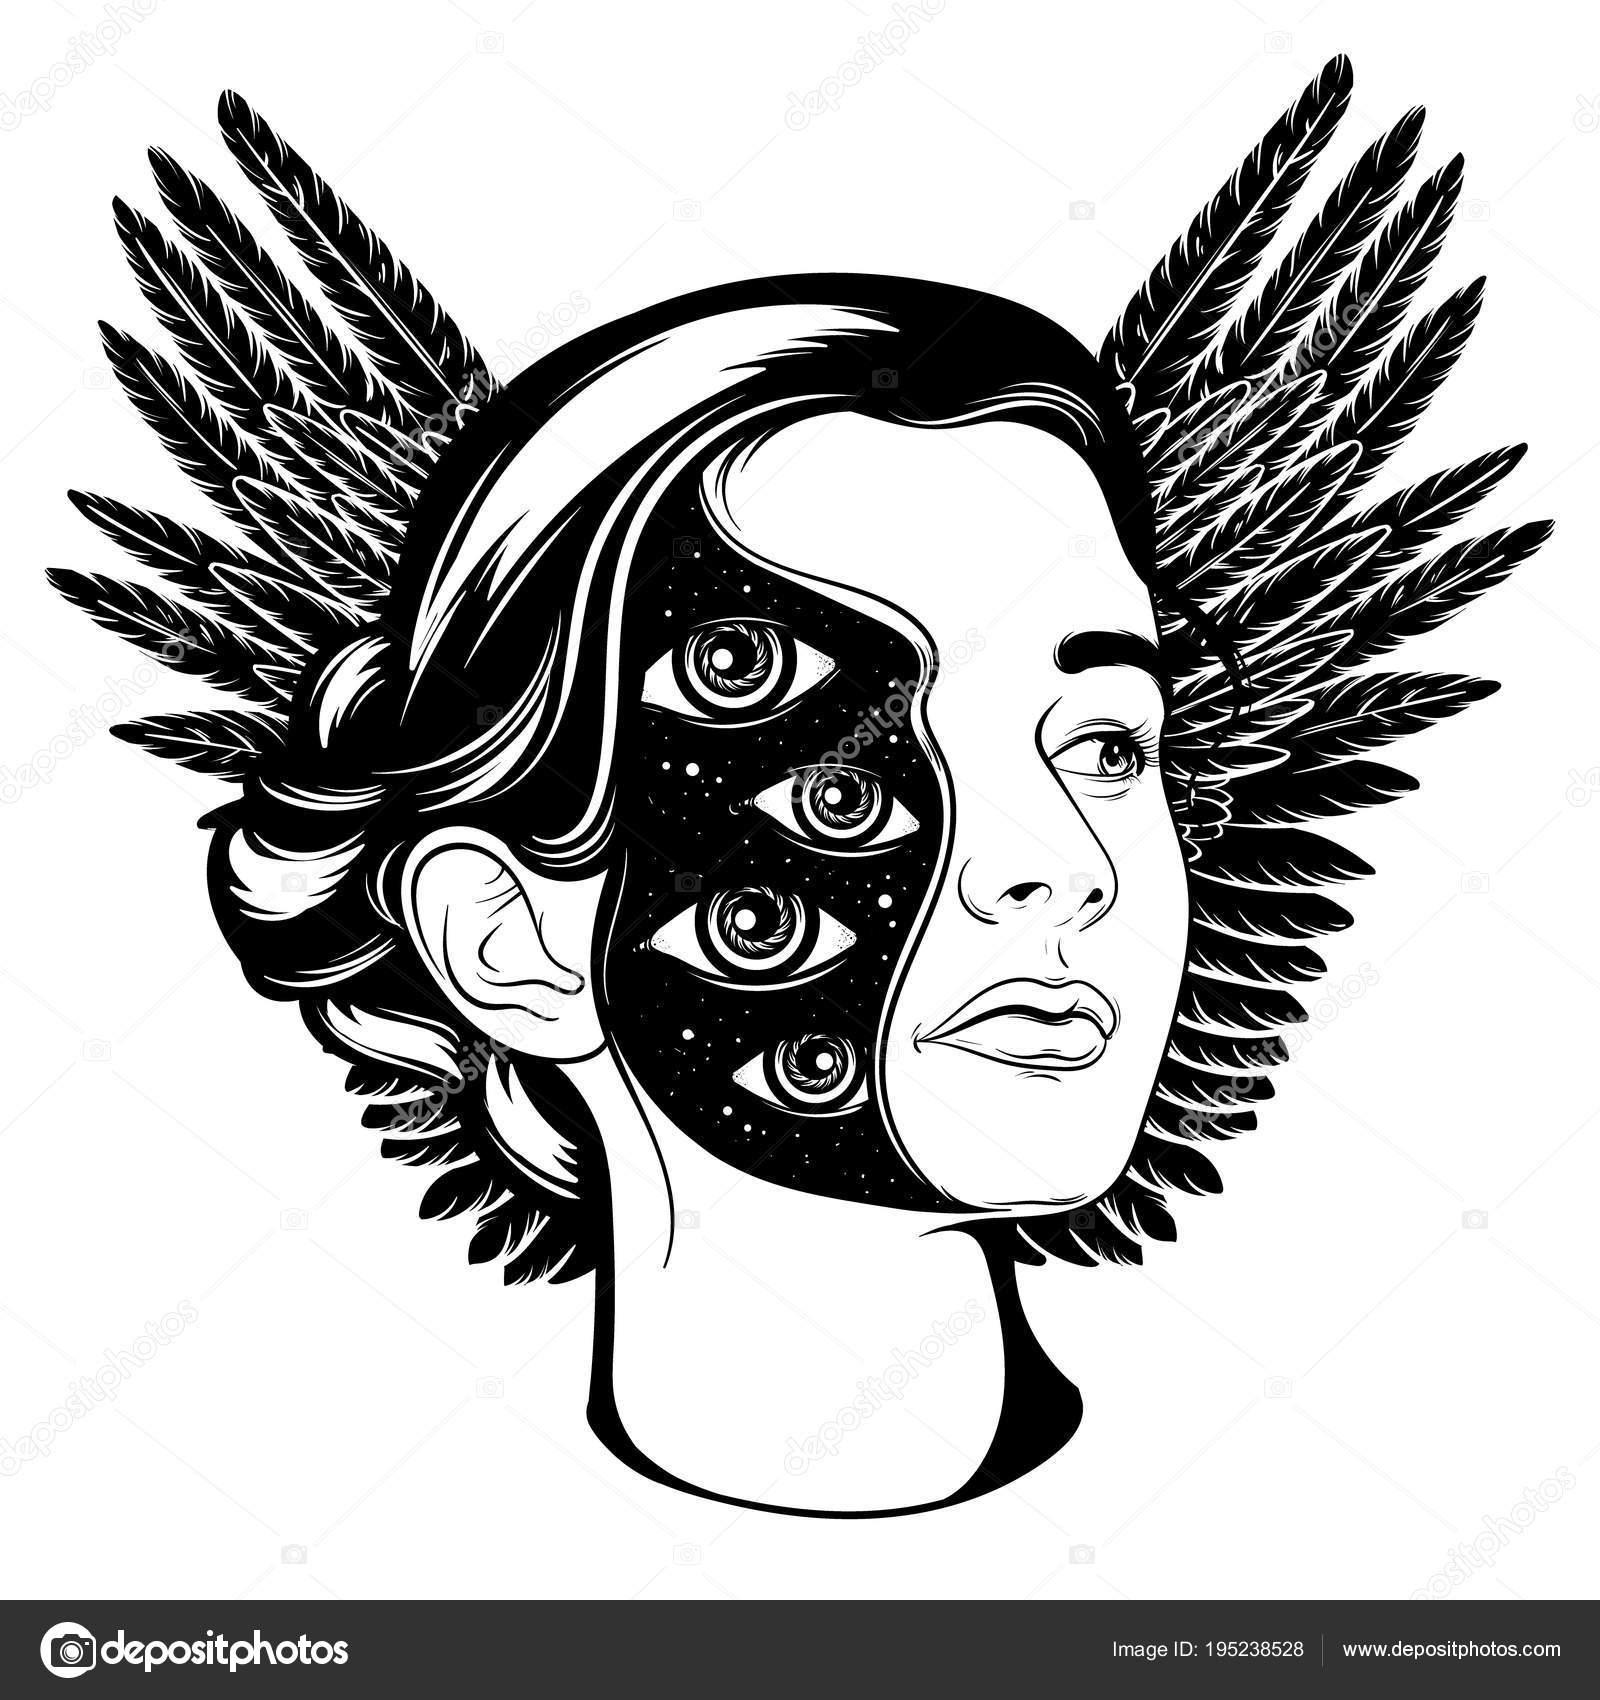 Plantilla De Tatuajes Para Imprimir Mano Vector Dibujado